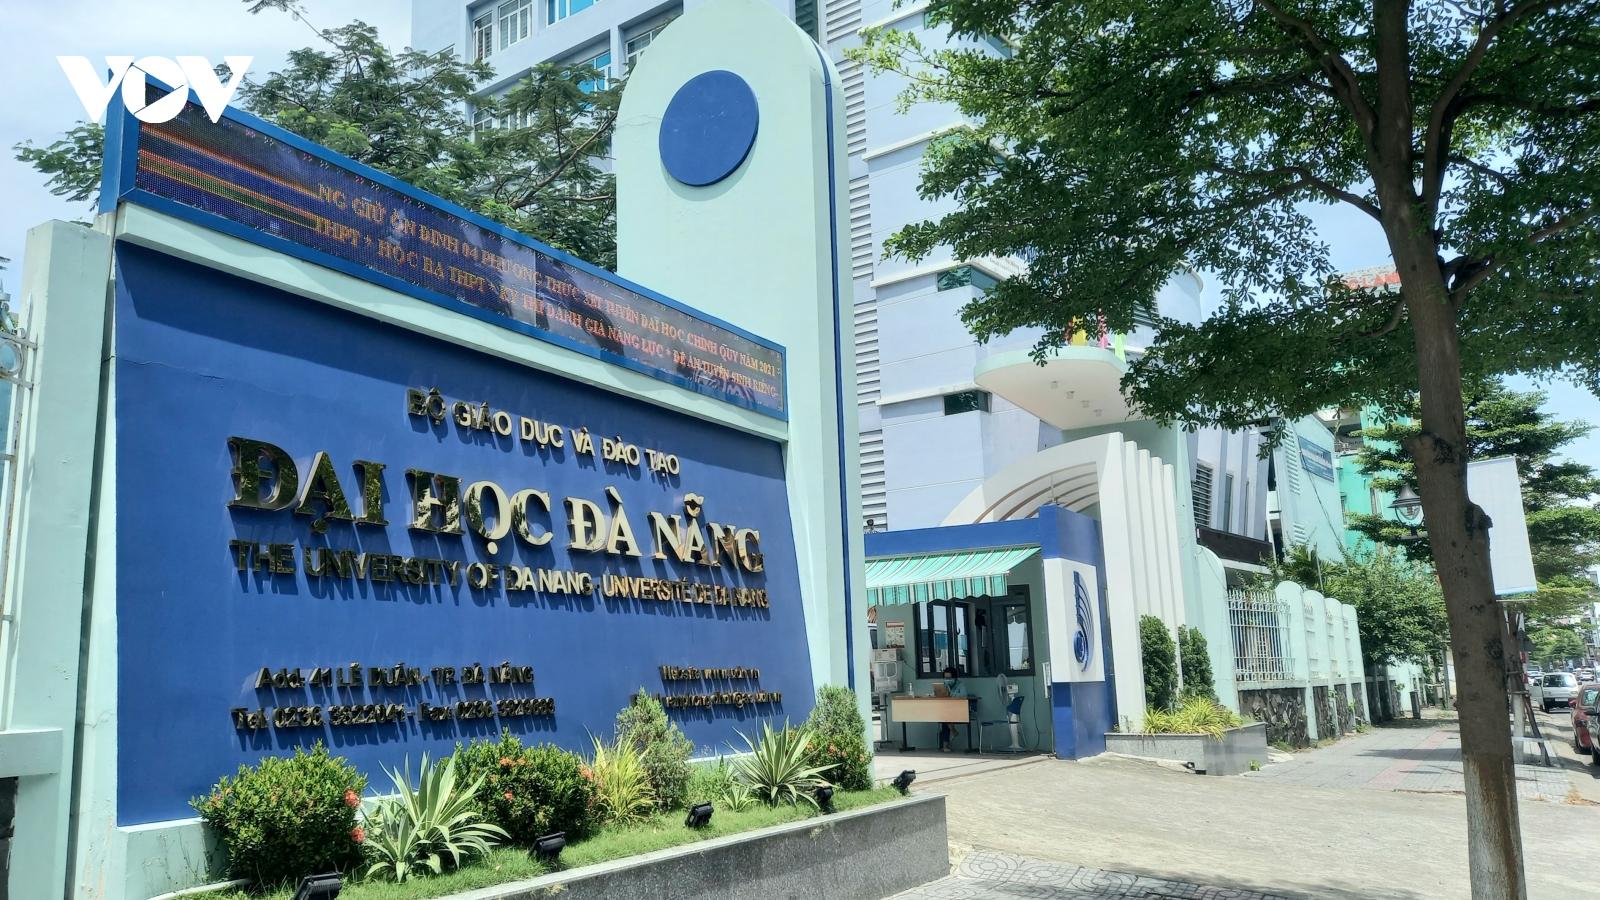 Đại học Đà Nẵng dự phòng phương án tuyển sinh trong tình hình dịch